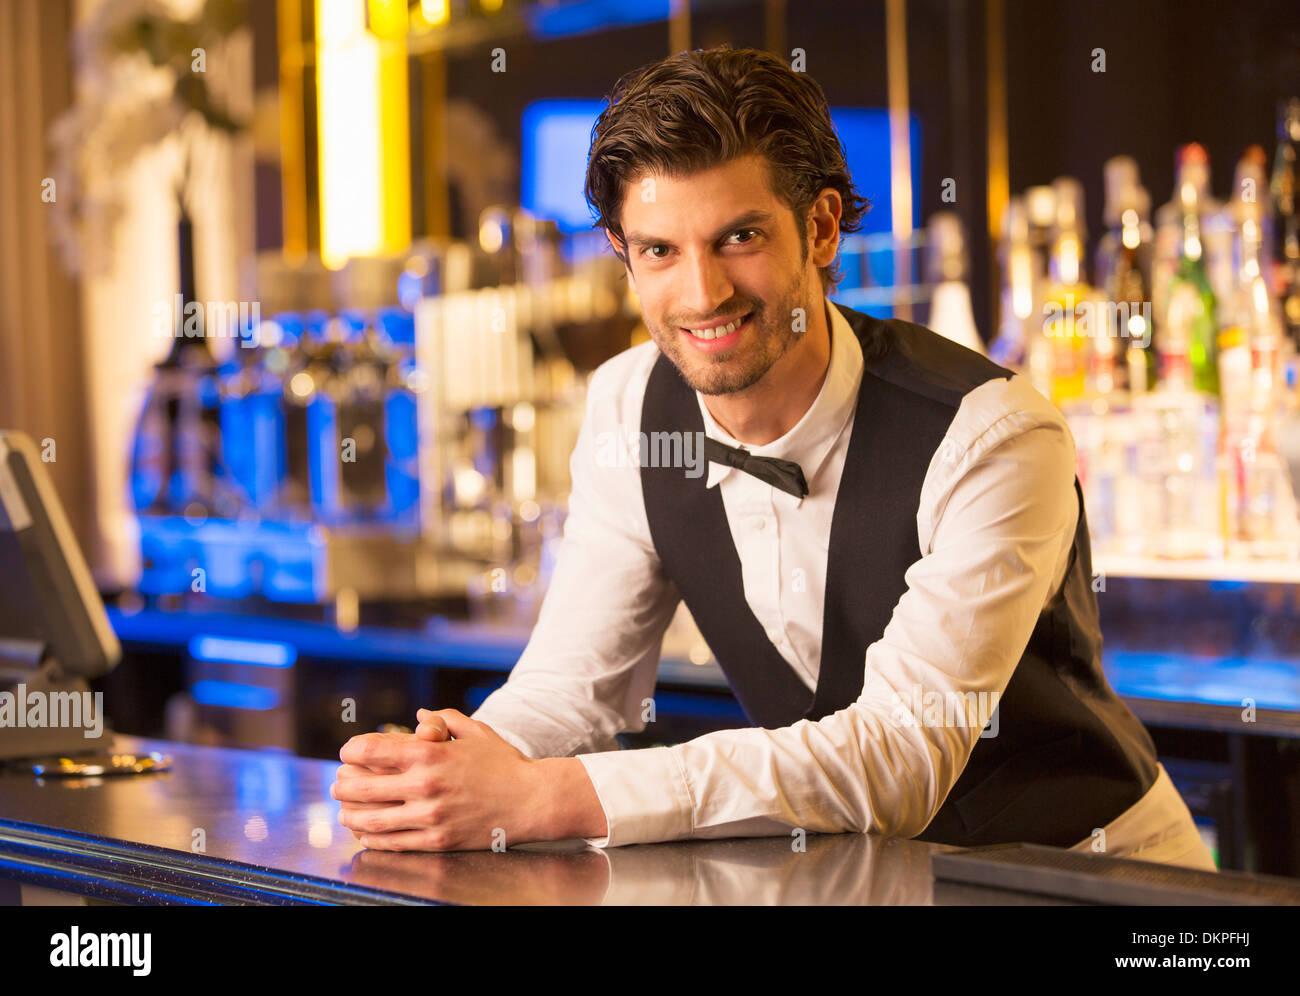 Porträt von gut gekleidete Barkeeper gelehnt auf Bar Stockbild